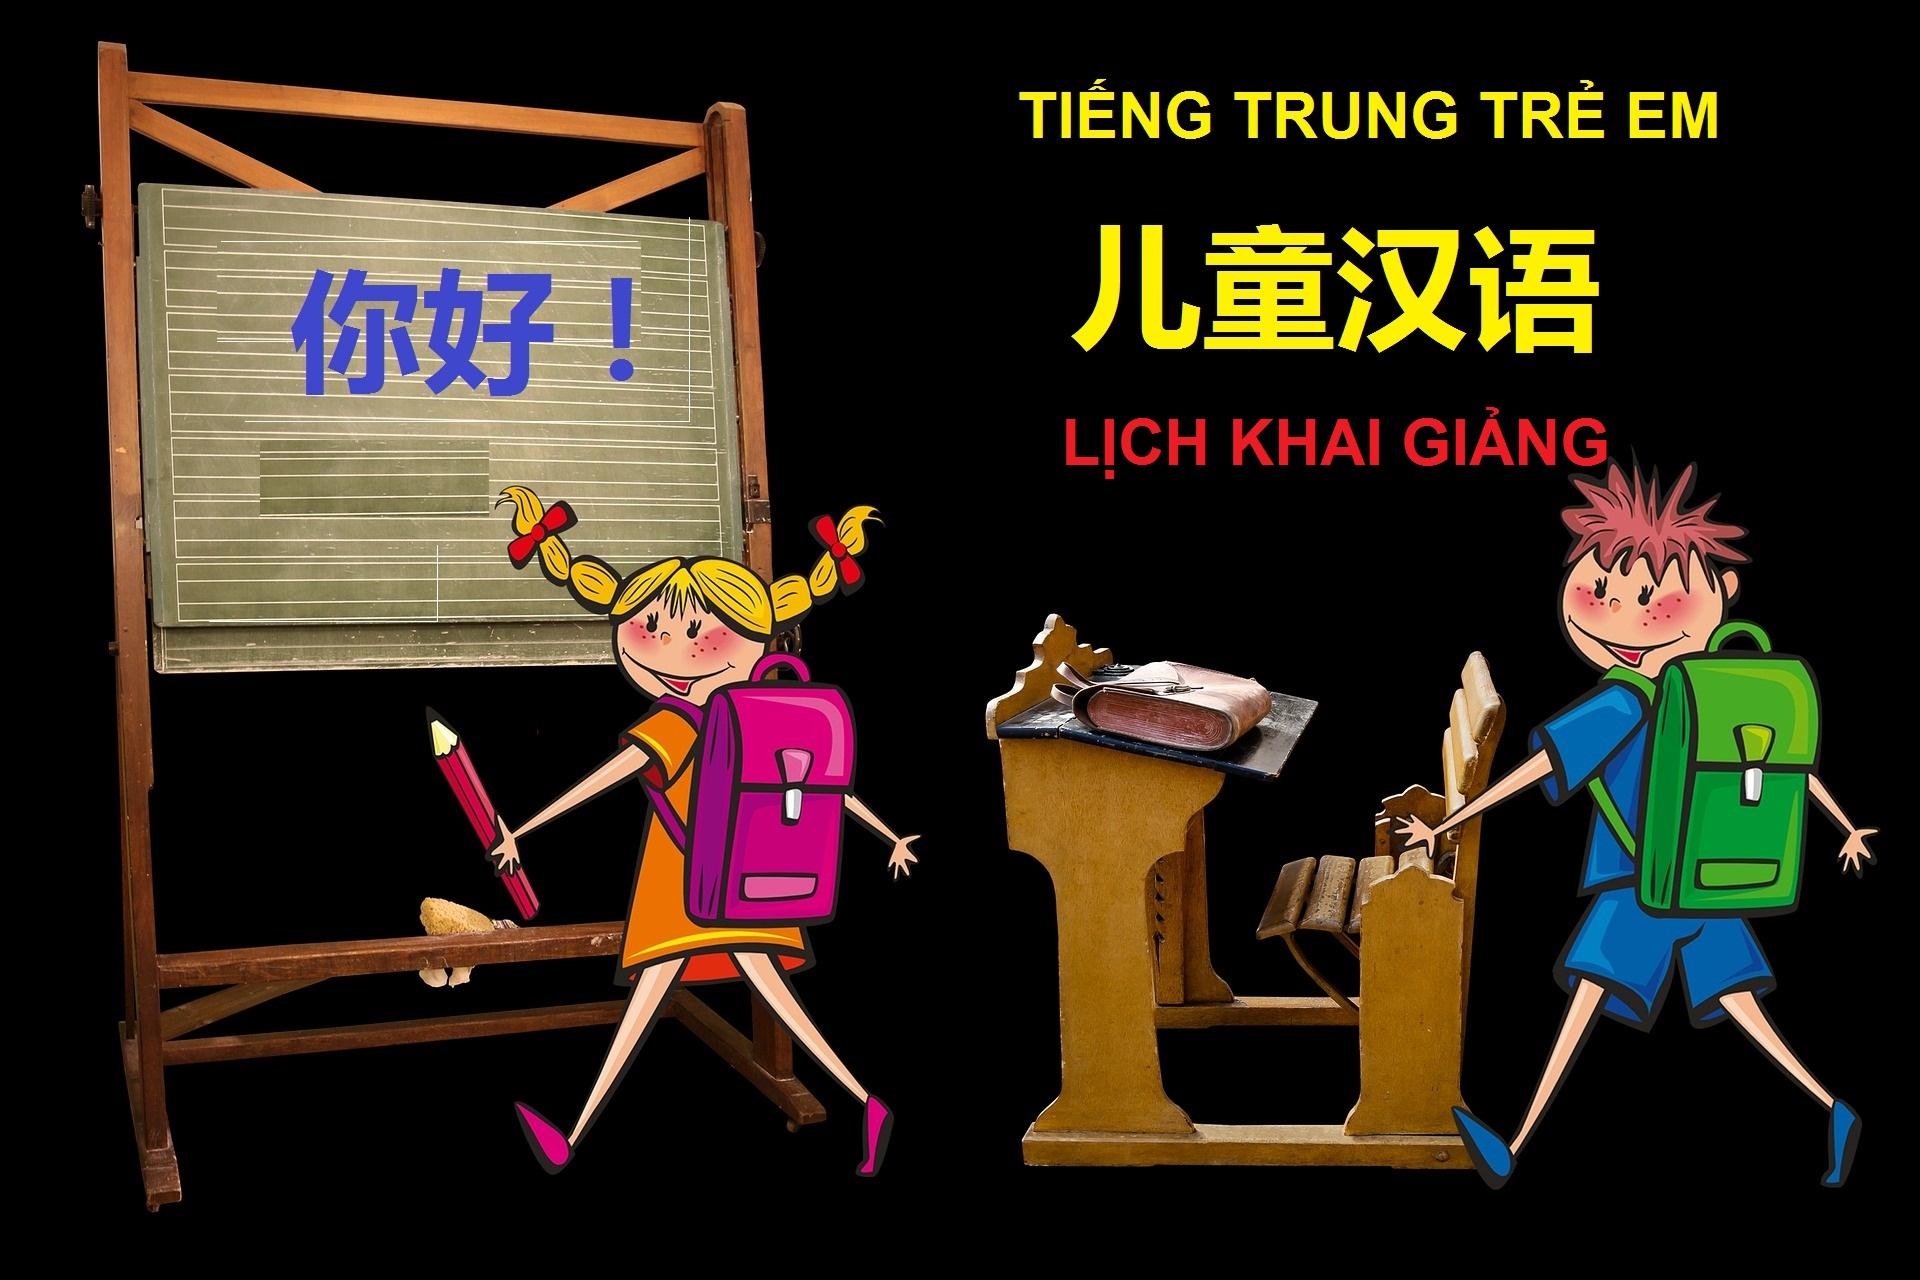 TIẾNG TRUNG TRẺ EM TẠI THANH TRÌ KHAI GIẢNG THÁNG 9-2018!